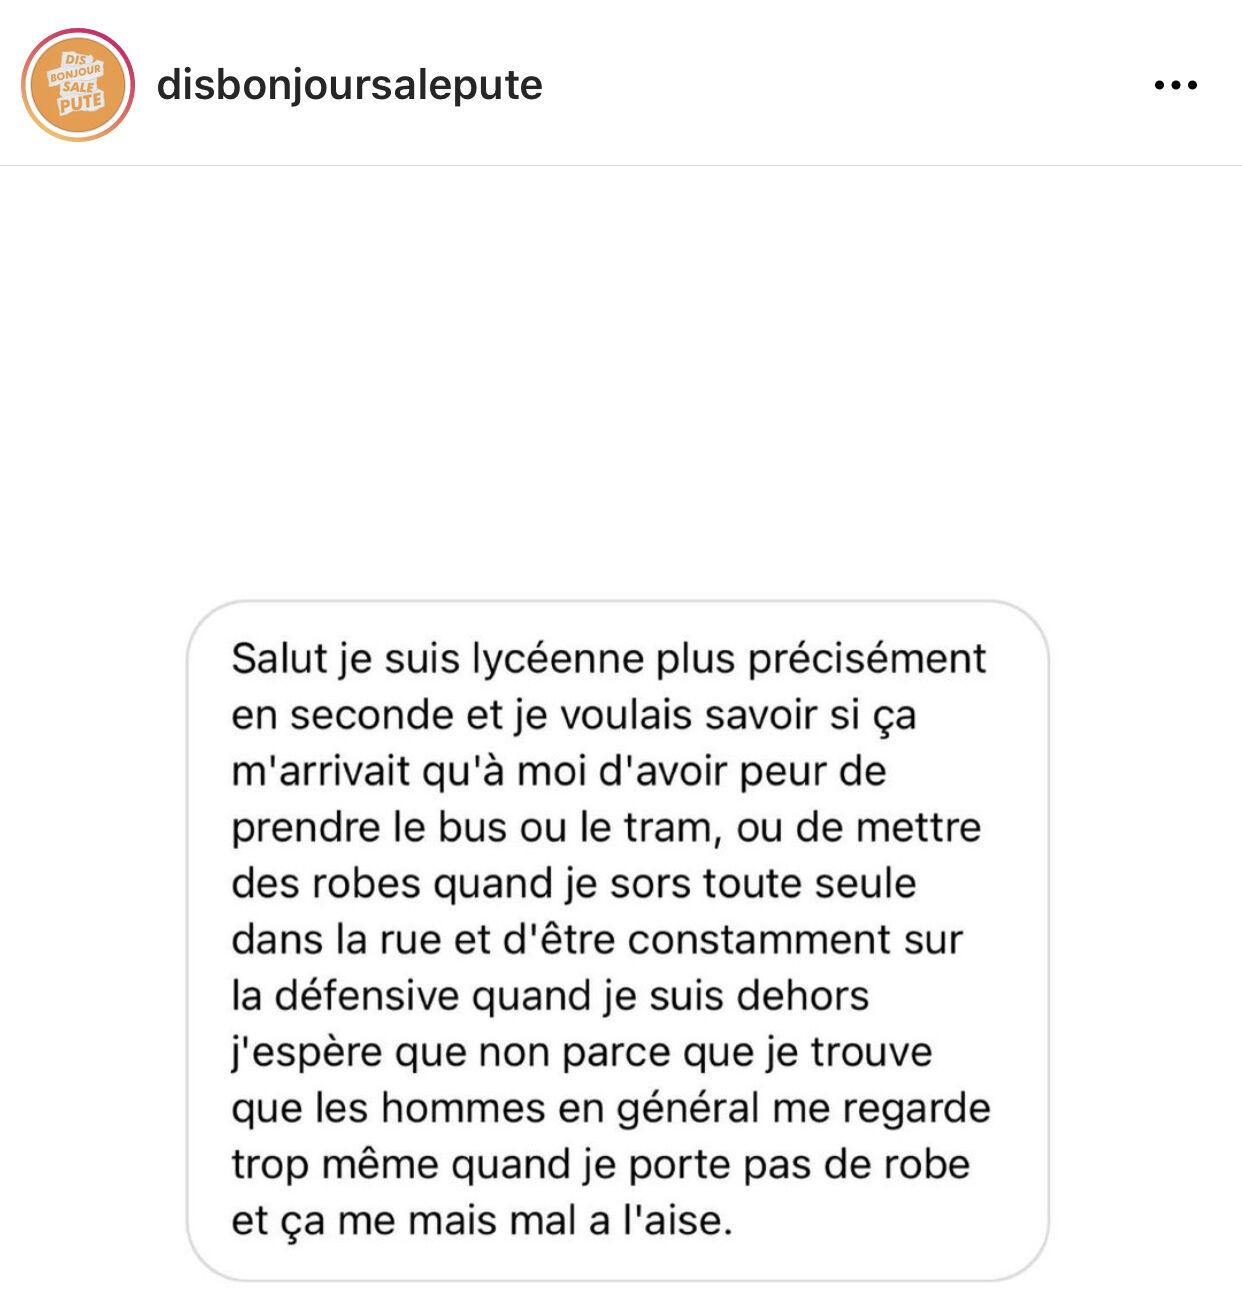 Témoignage partagé sur le compte Instagram Dis bonjour sa pute